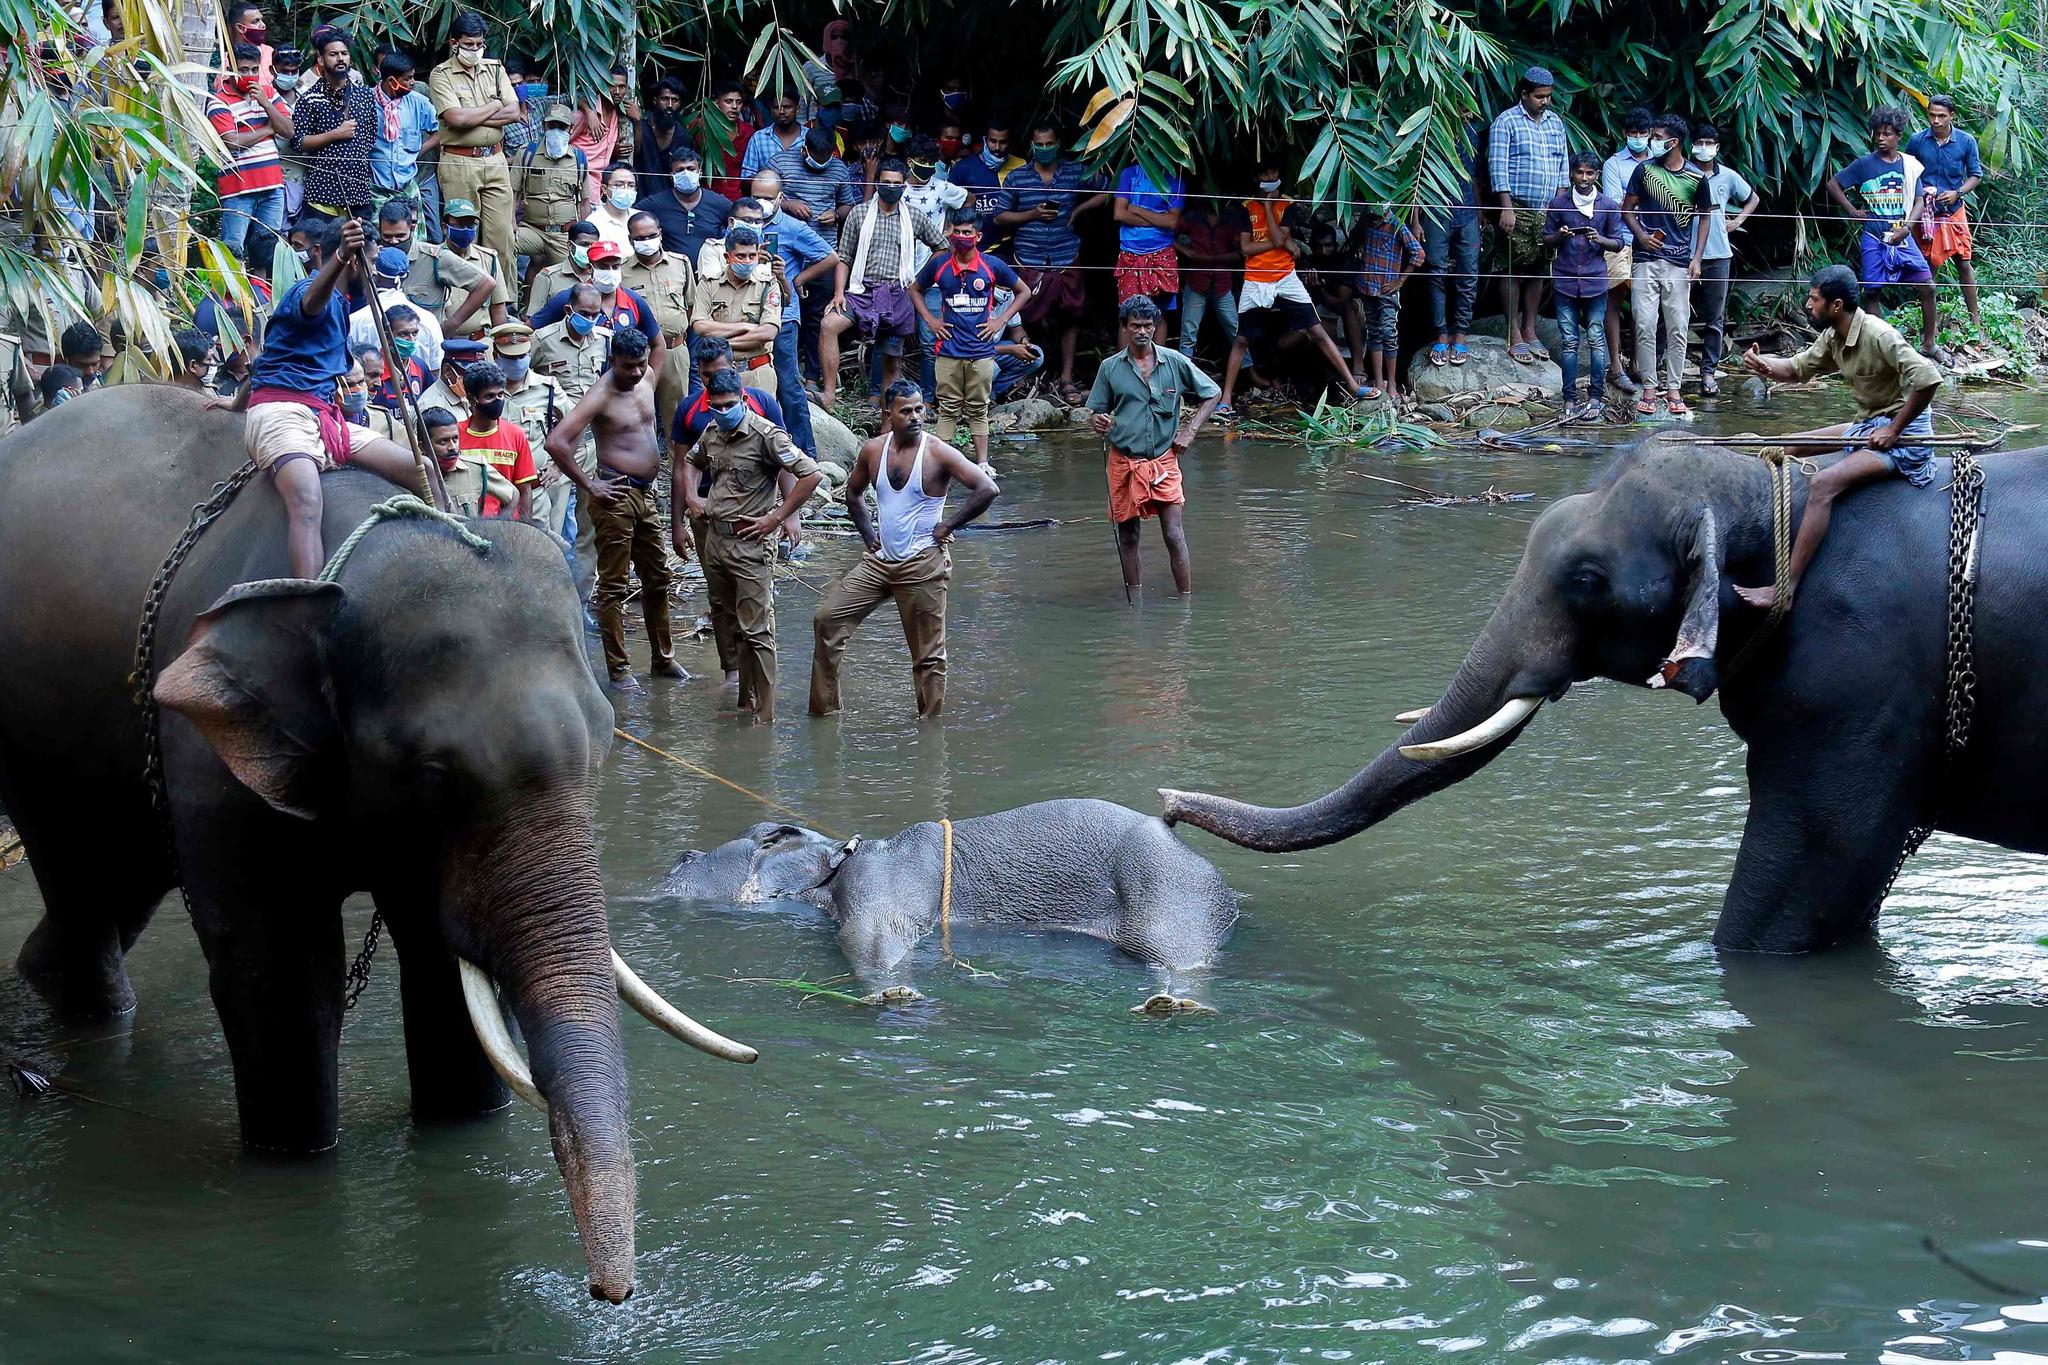 지난달 27일 인도 남부 케랄라 팔라카드 지역의 벨리야르 강에서 숨진 야생코끼리 한 마리와 이를 지켜보는 경찰과 구경꾼들 모습. AFP=연합뉴스